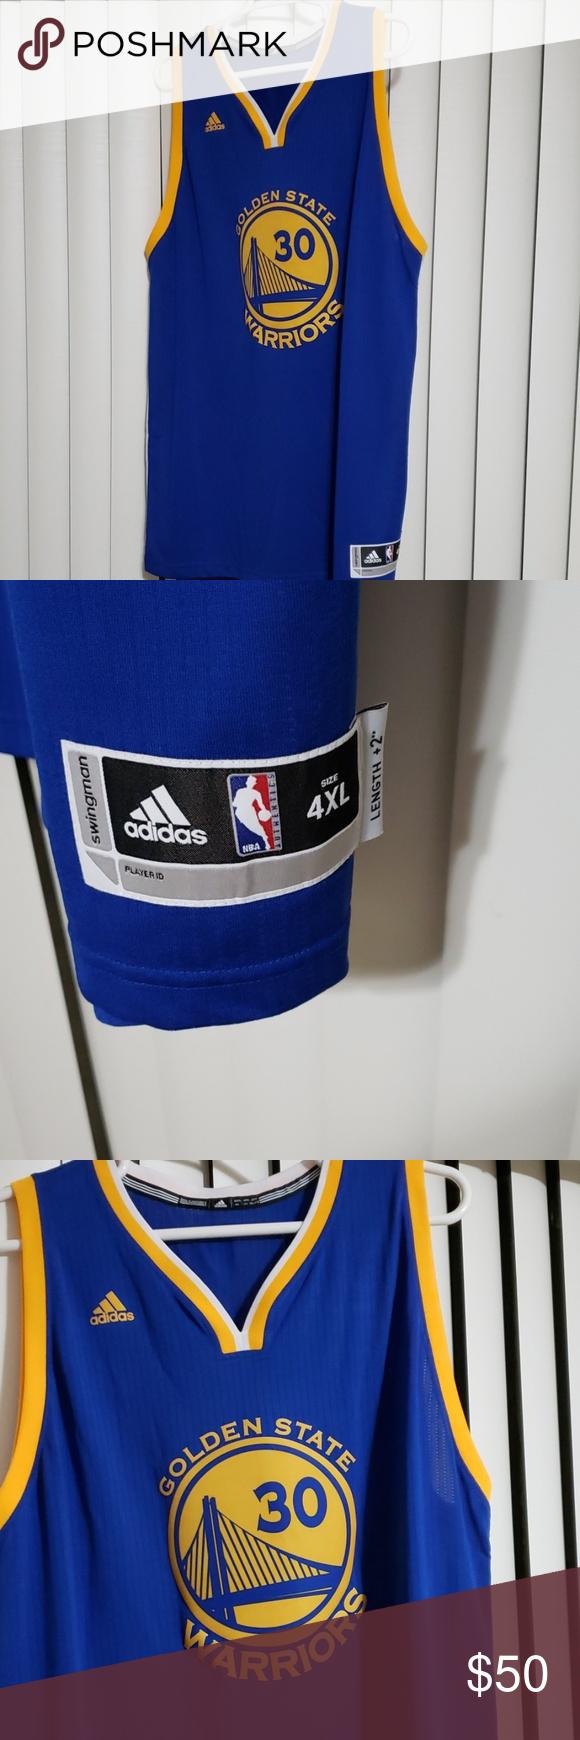 d9f38086dfa749 NBA Jersey Golden State Warriors Stephen Curry Brand new never worn NBA  Stephen Curry Golden State